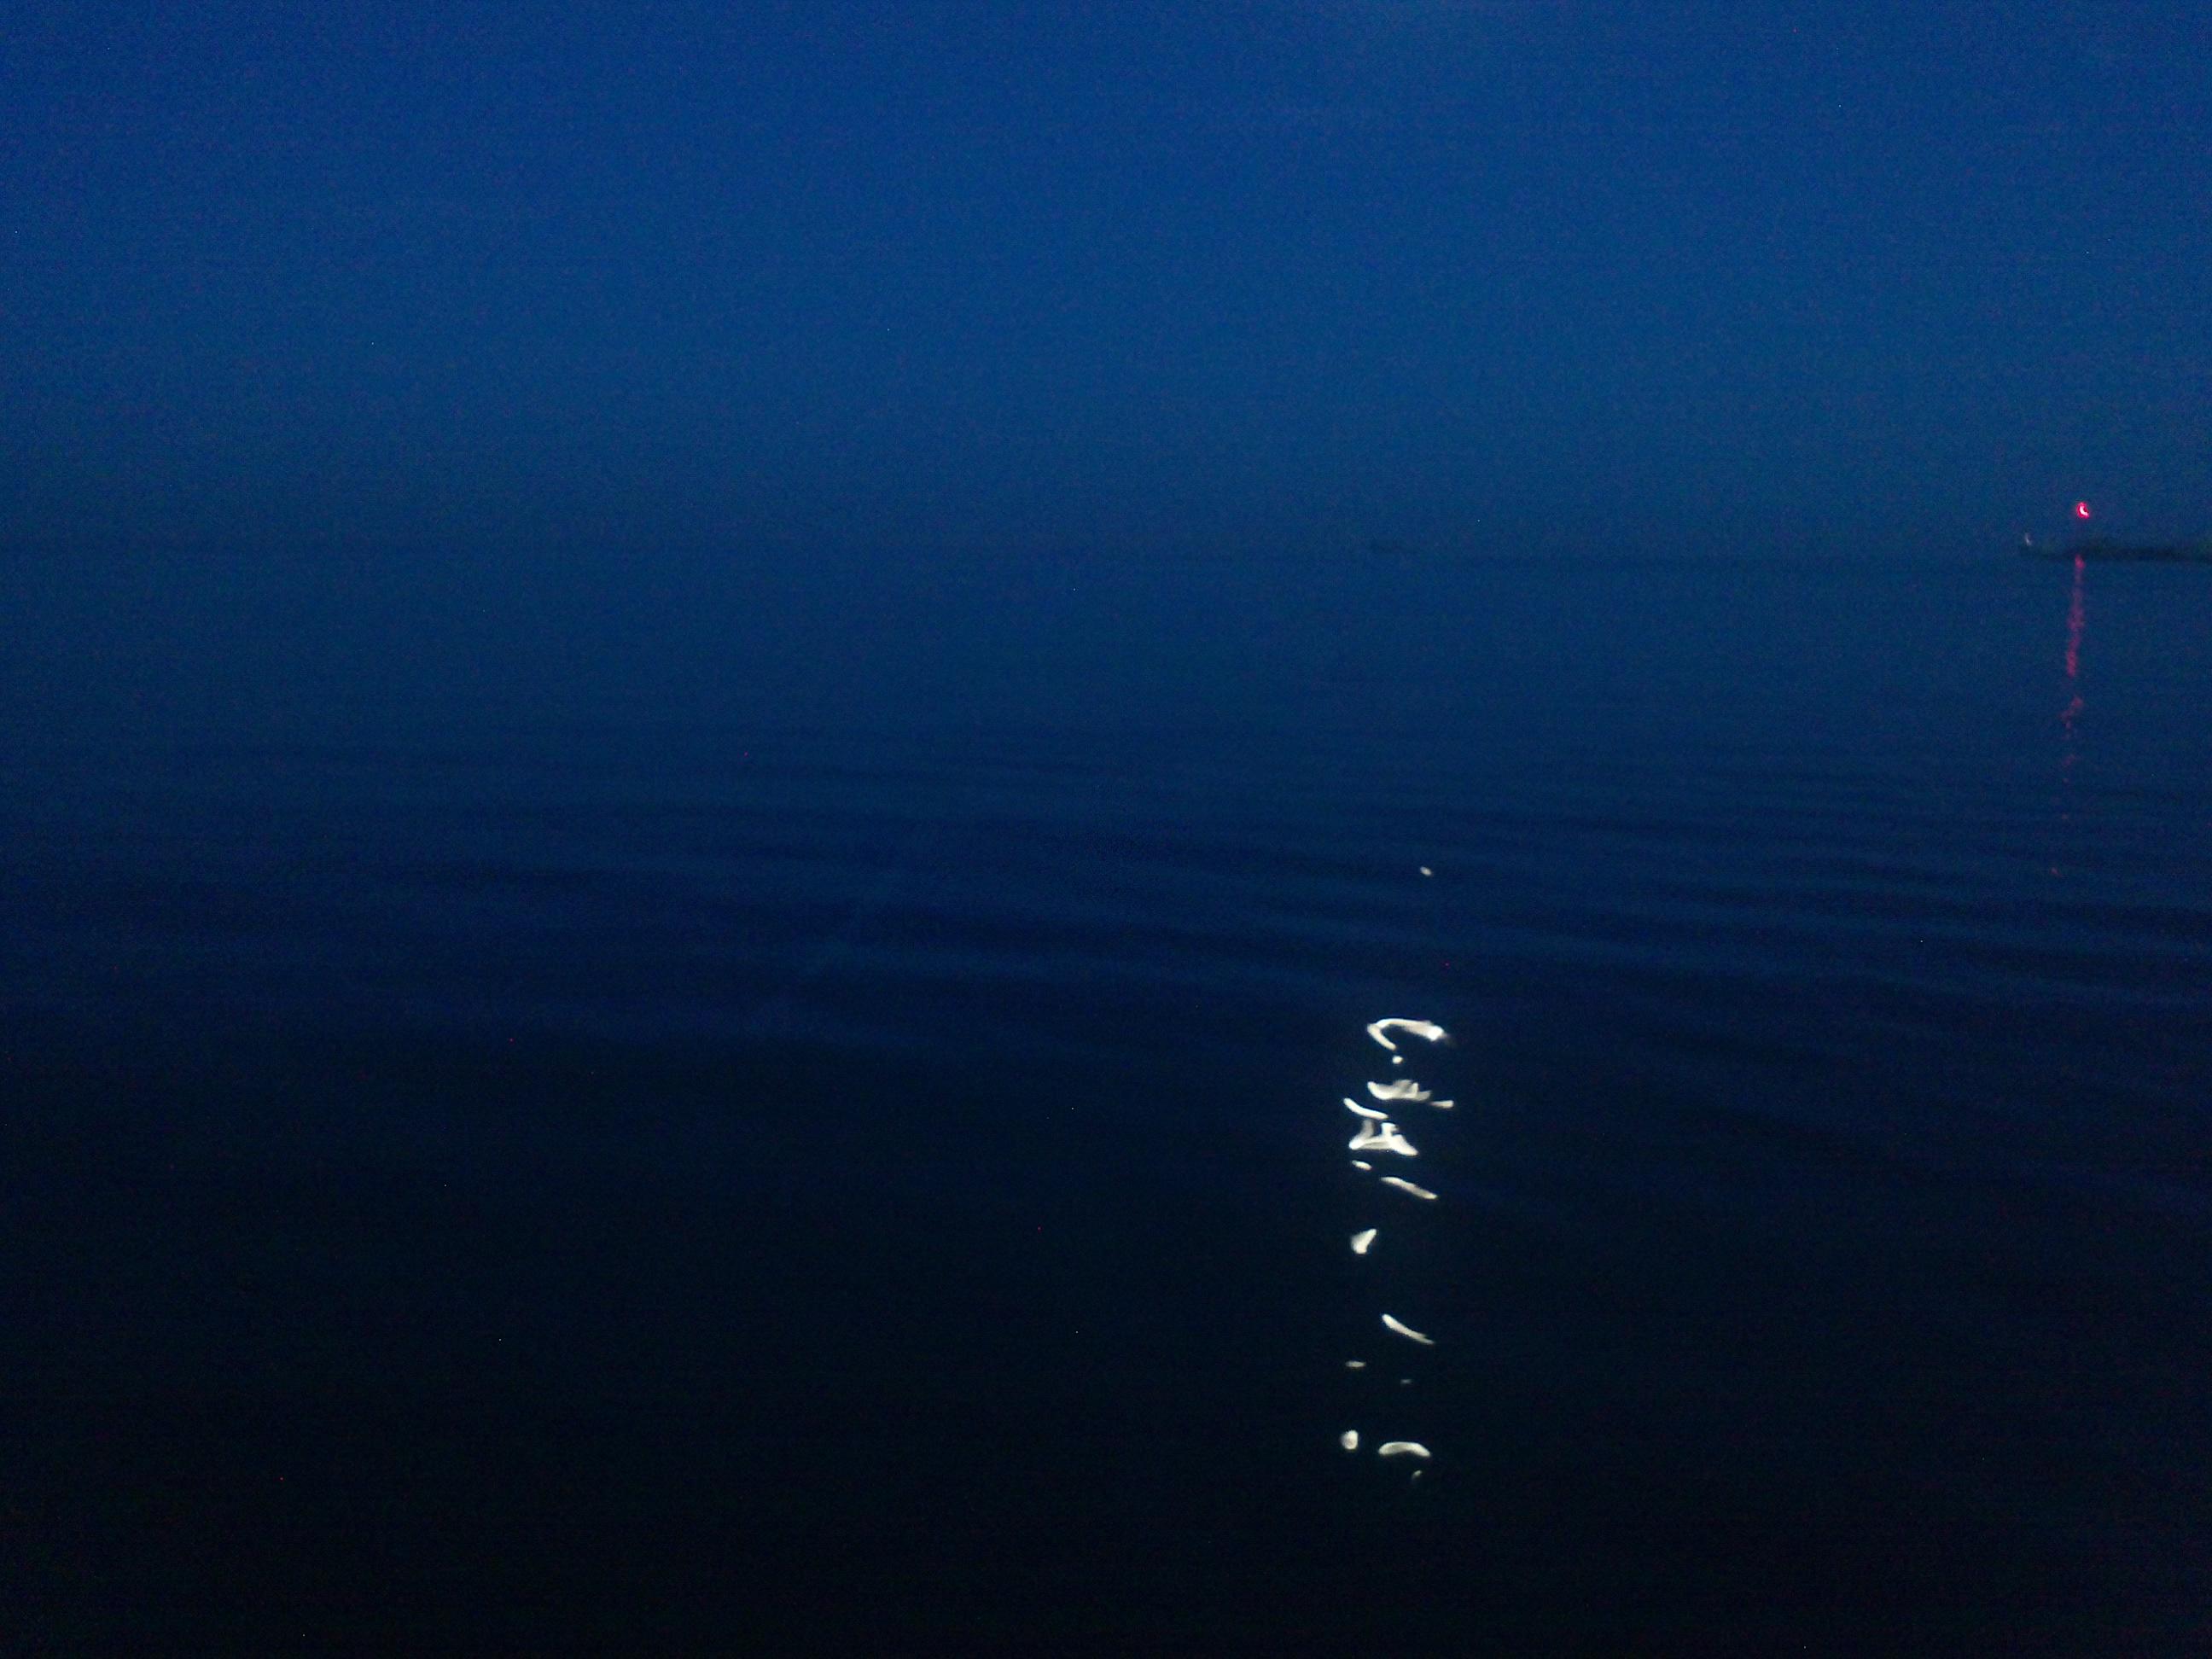 月亮星星桌面壁纸